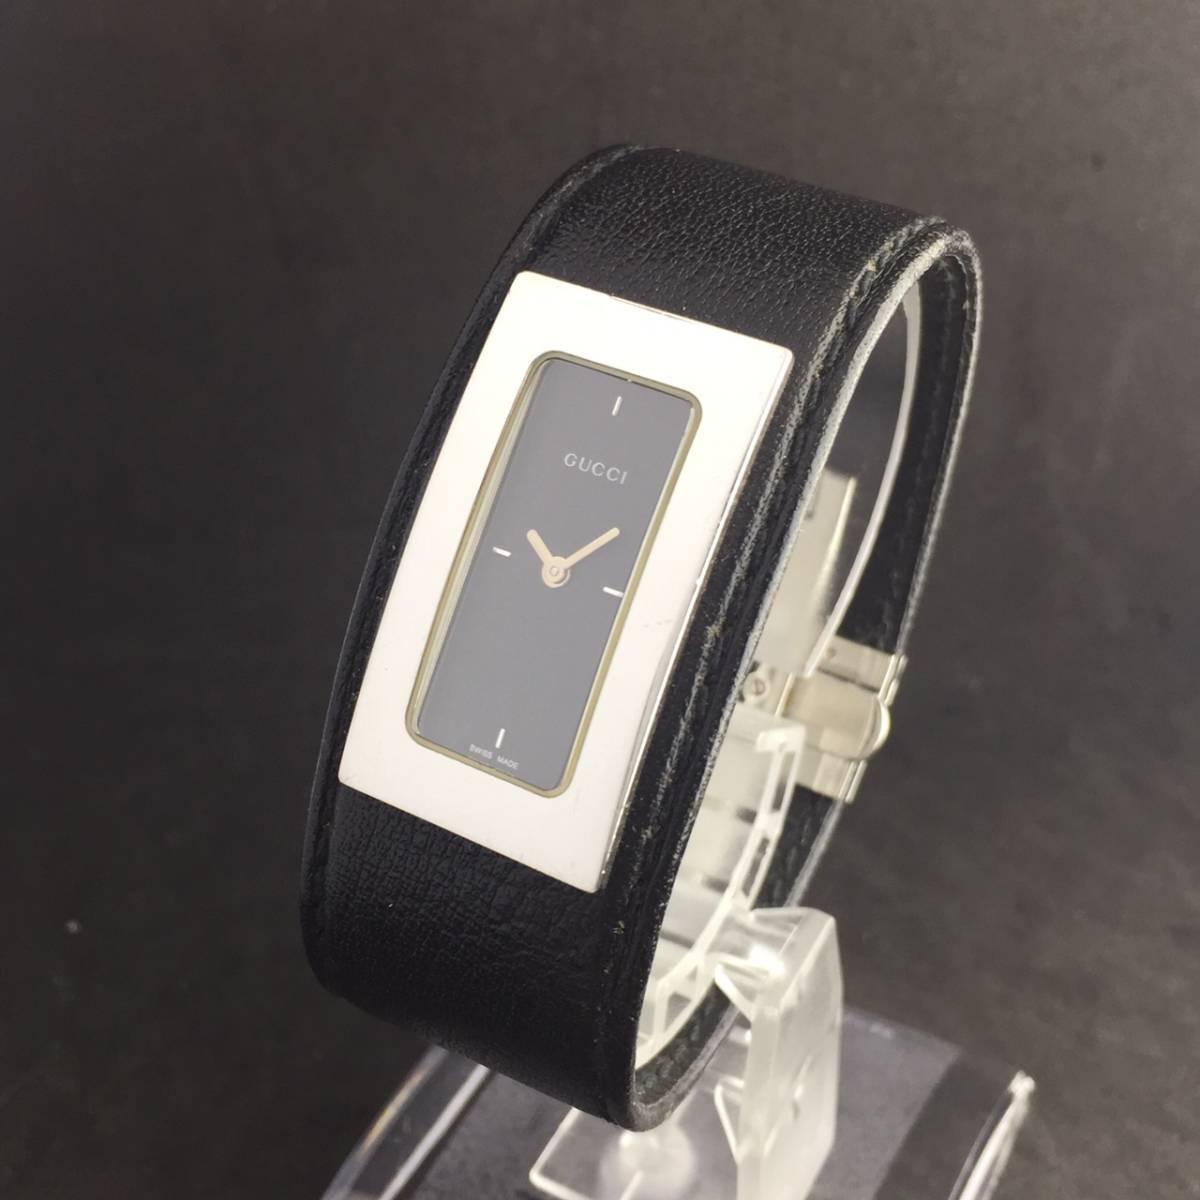 【1円箱付】GUCCI グッチ 腕時計 レディース 7800S レザー ブラックダイヤル スクエア 可動品_画像4